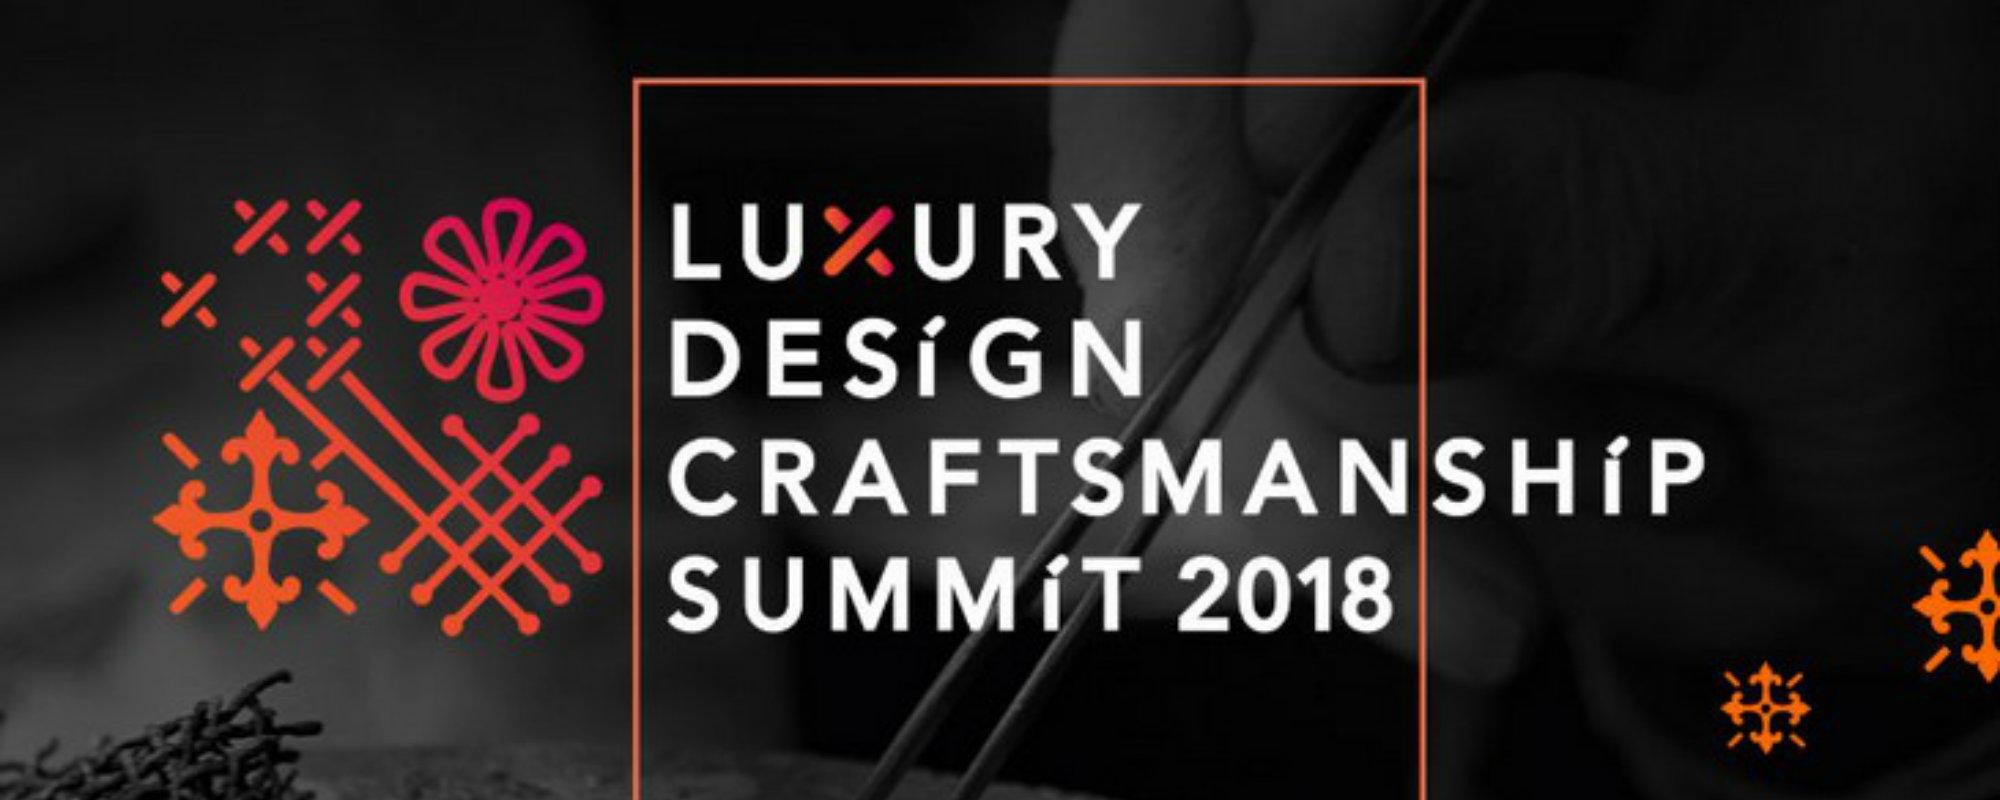 Diseño y Artesania: un evento de lujo para conoceres evento de lujo Diseño y Artesania: un evento de lujo para conoceres Feature 2